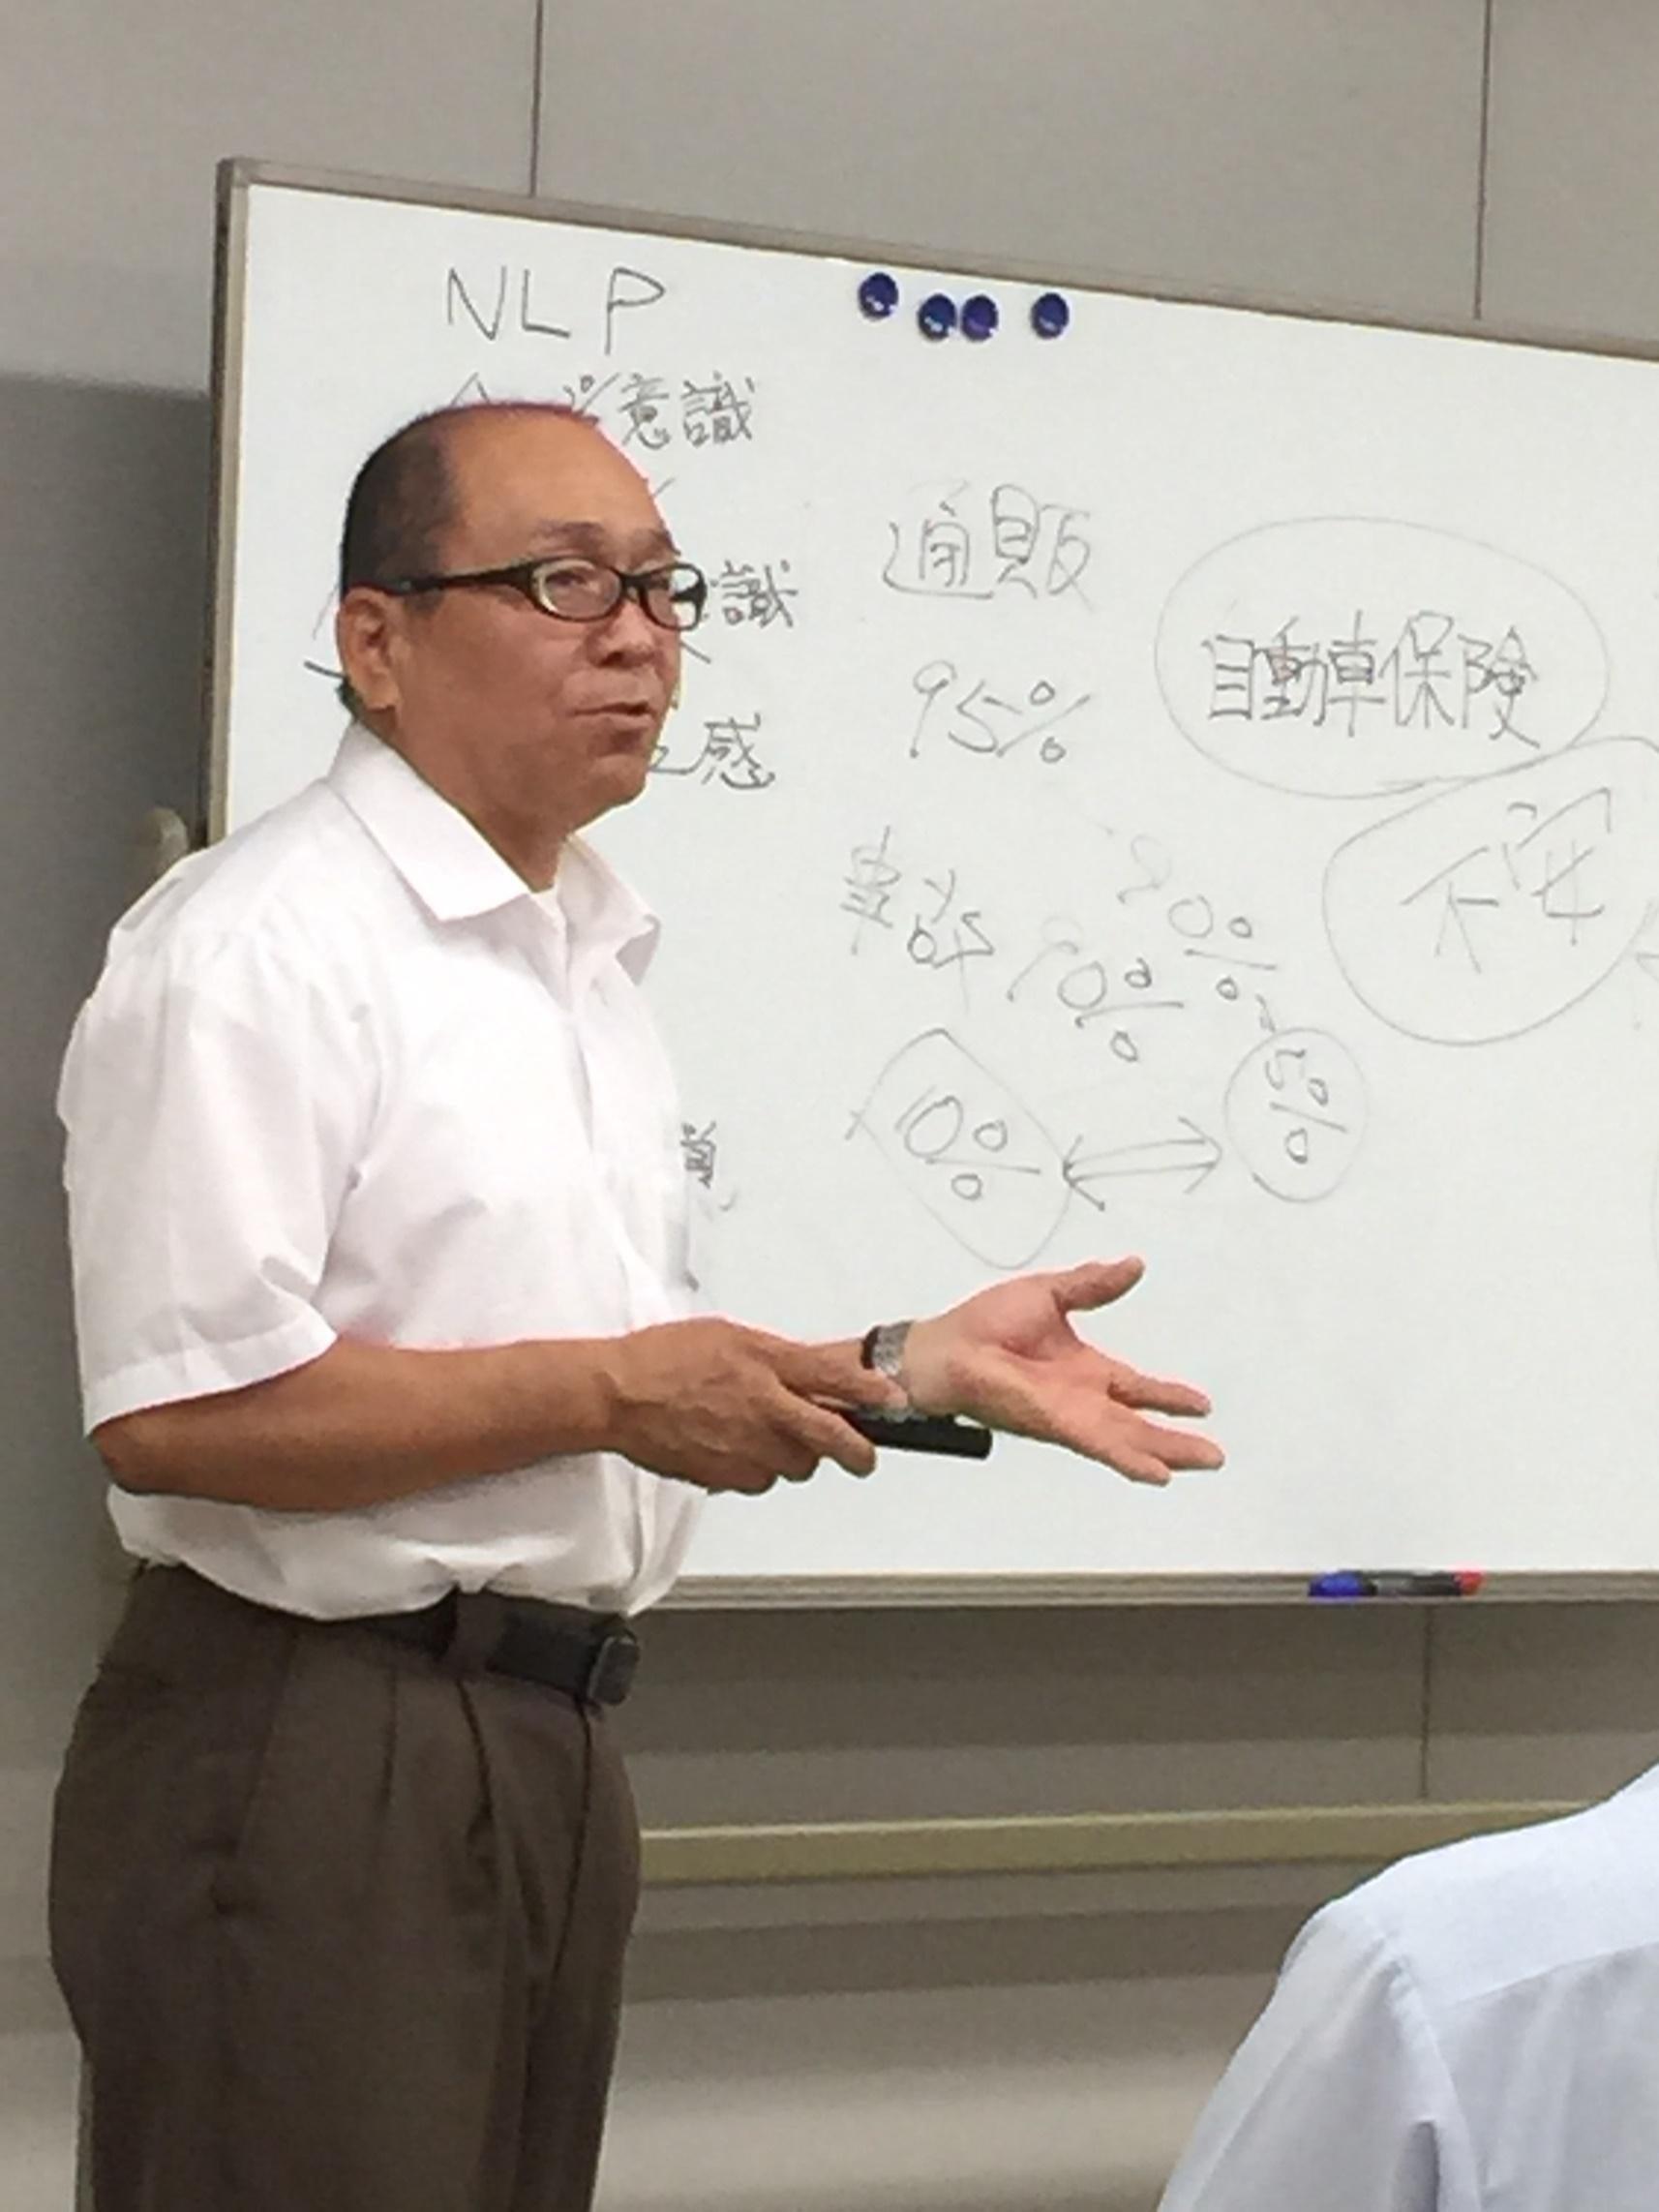 奈良NLPこころの研究会 竹井勝之